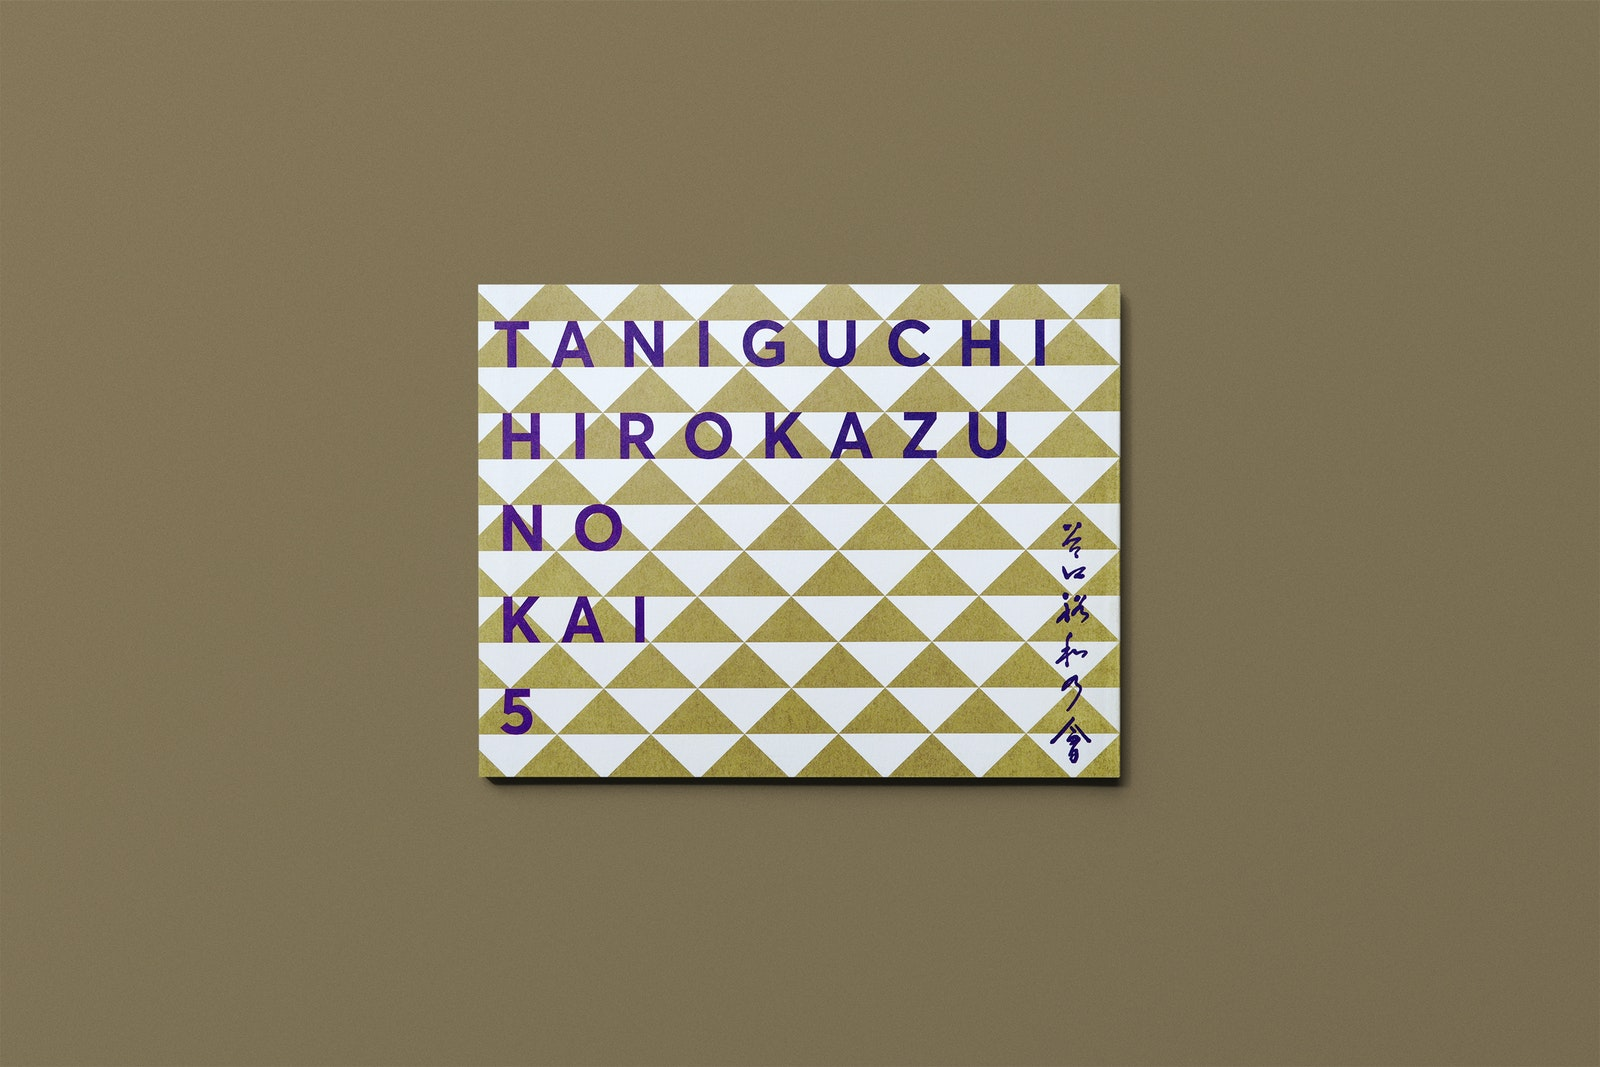 Taniguchi Hirokazu No Kai 5